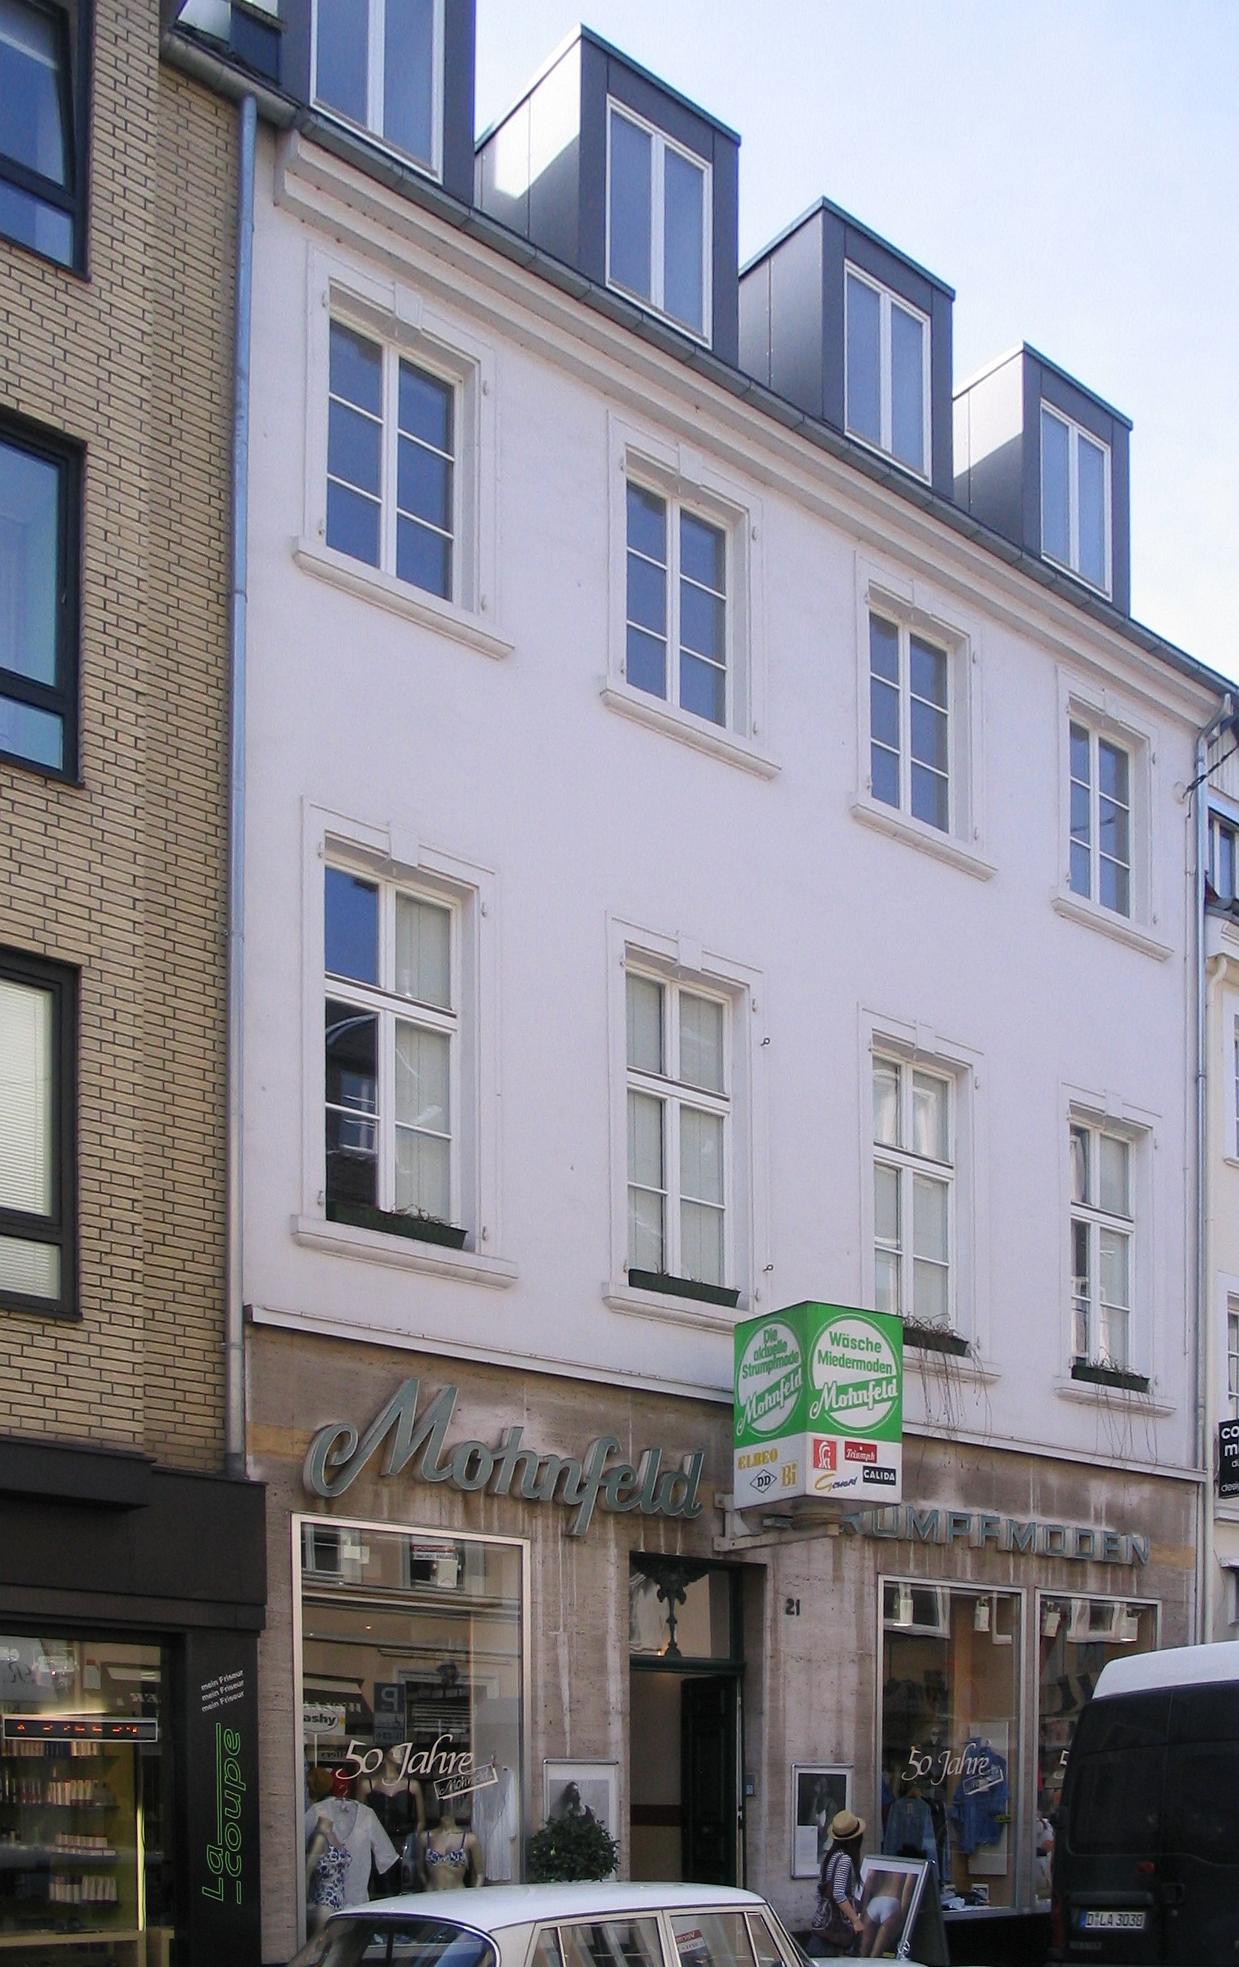 Hohe Stra Ef Bf Bde D Ef Bf Bdsseldorf Cafe